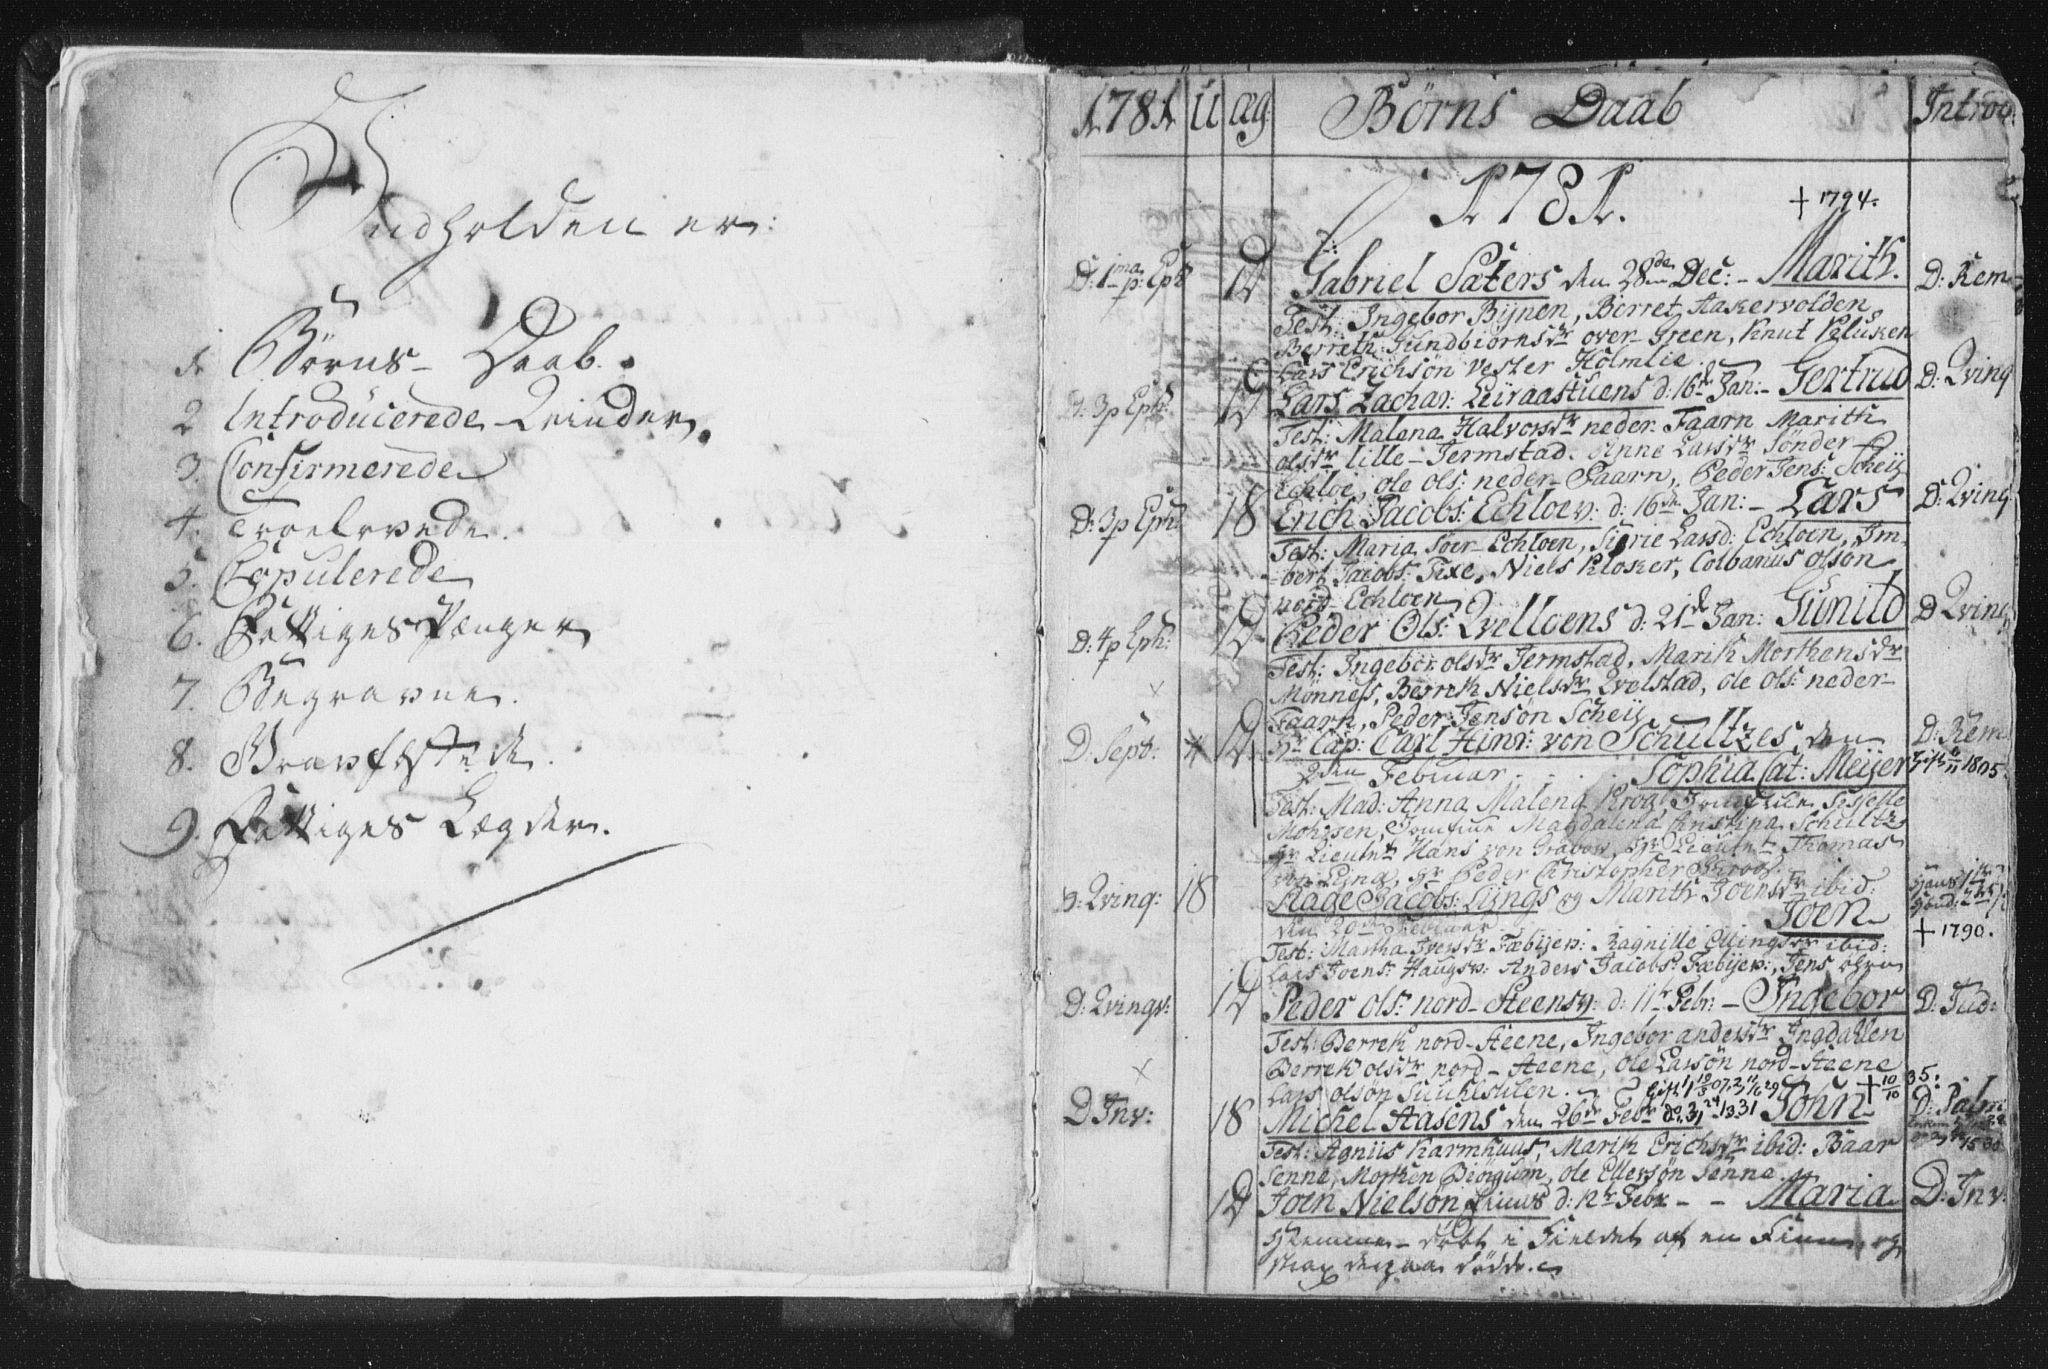 SAT, Ministerialprotokoller, klokkerbøker og fødselsregistre - Nord-Trøndelag, 723/L0232: Ministerialbok nr. 723A03, 1781-1804, s. 1